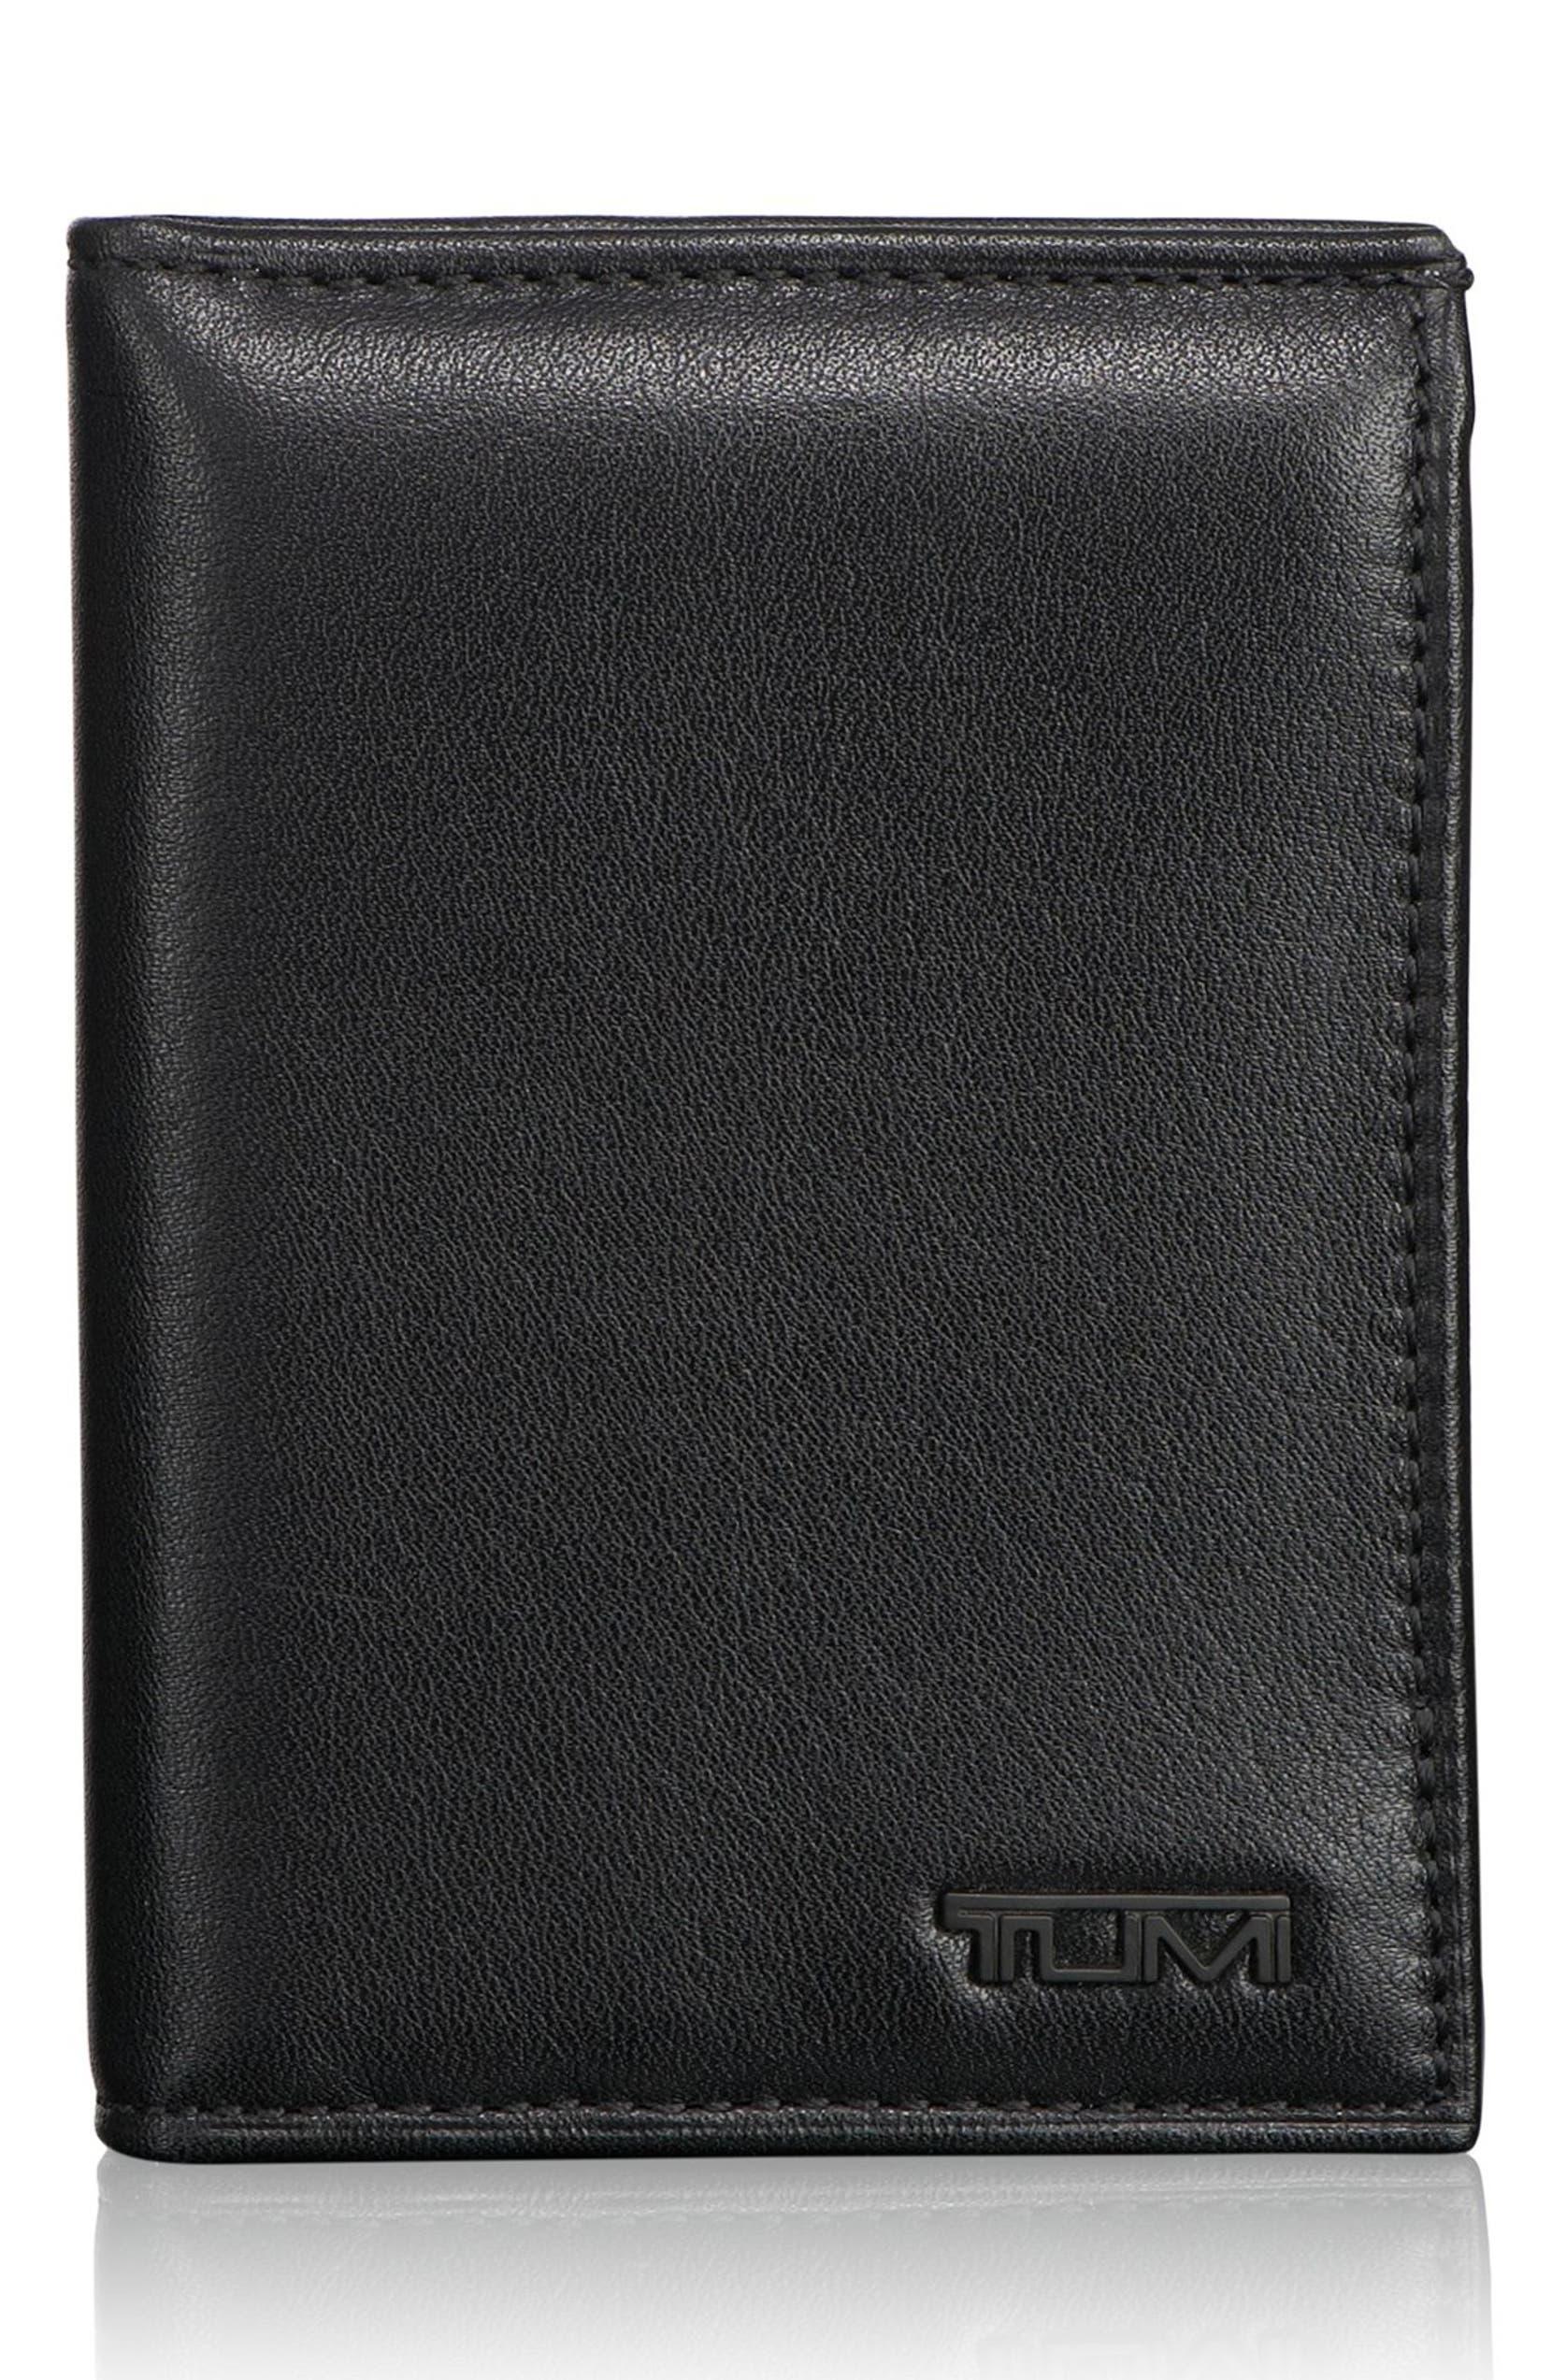 0f5173a4bf6b Tumi Delta - ID Lock Shielded L-Fold ID Wallet